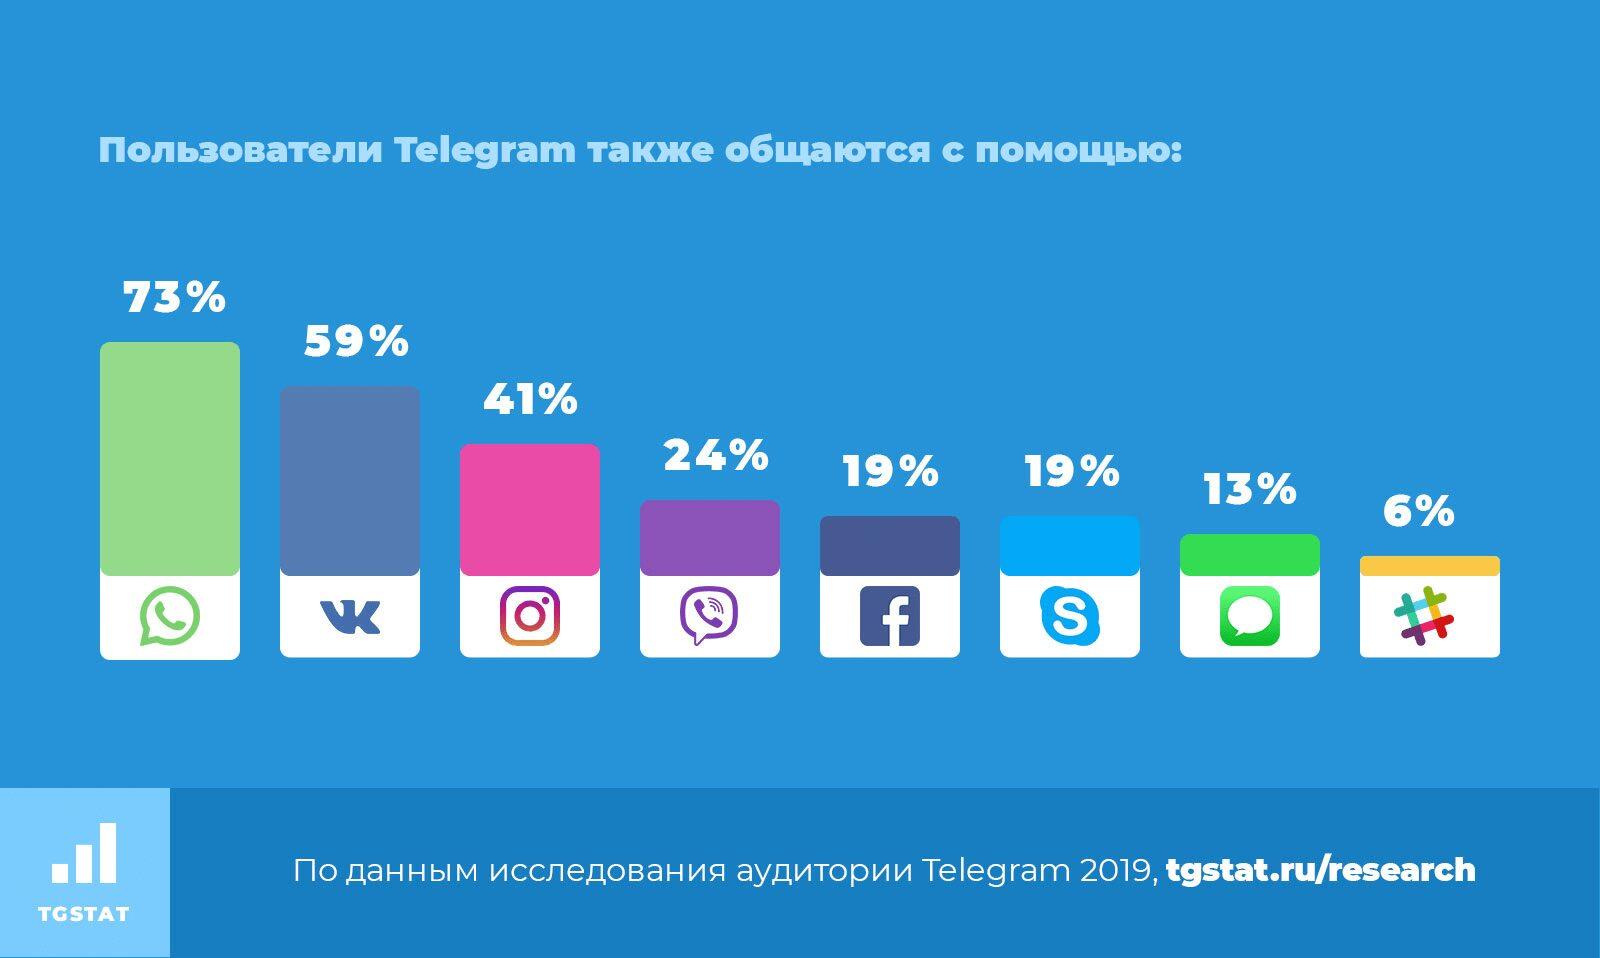 Использование месседжеров любителями Telegram